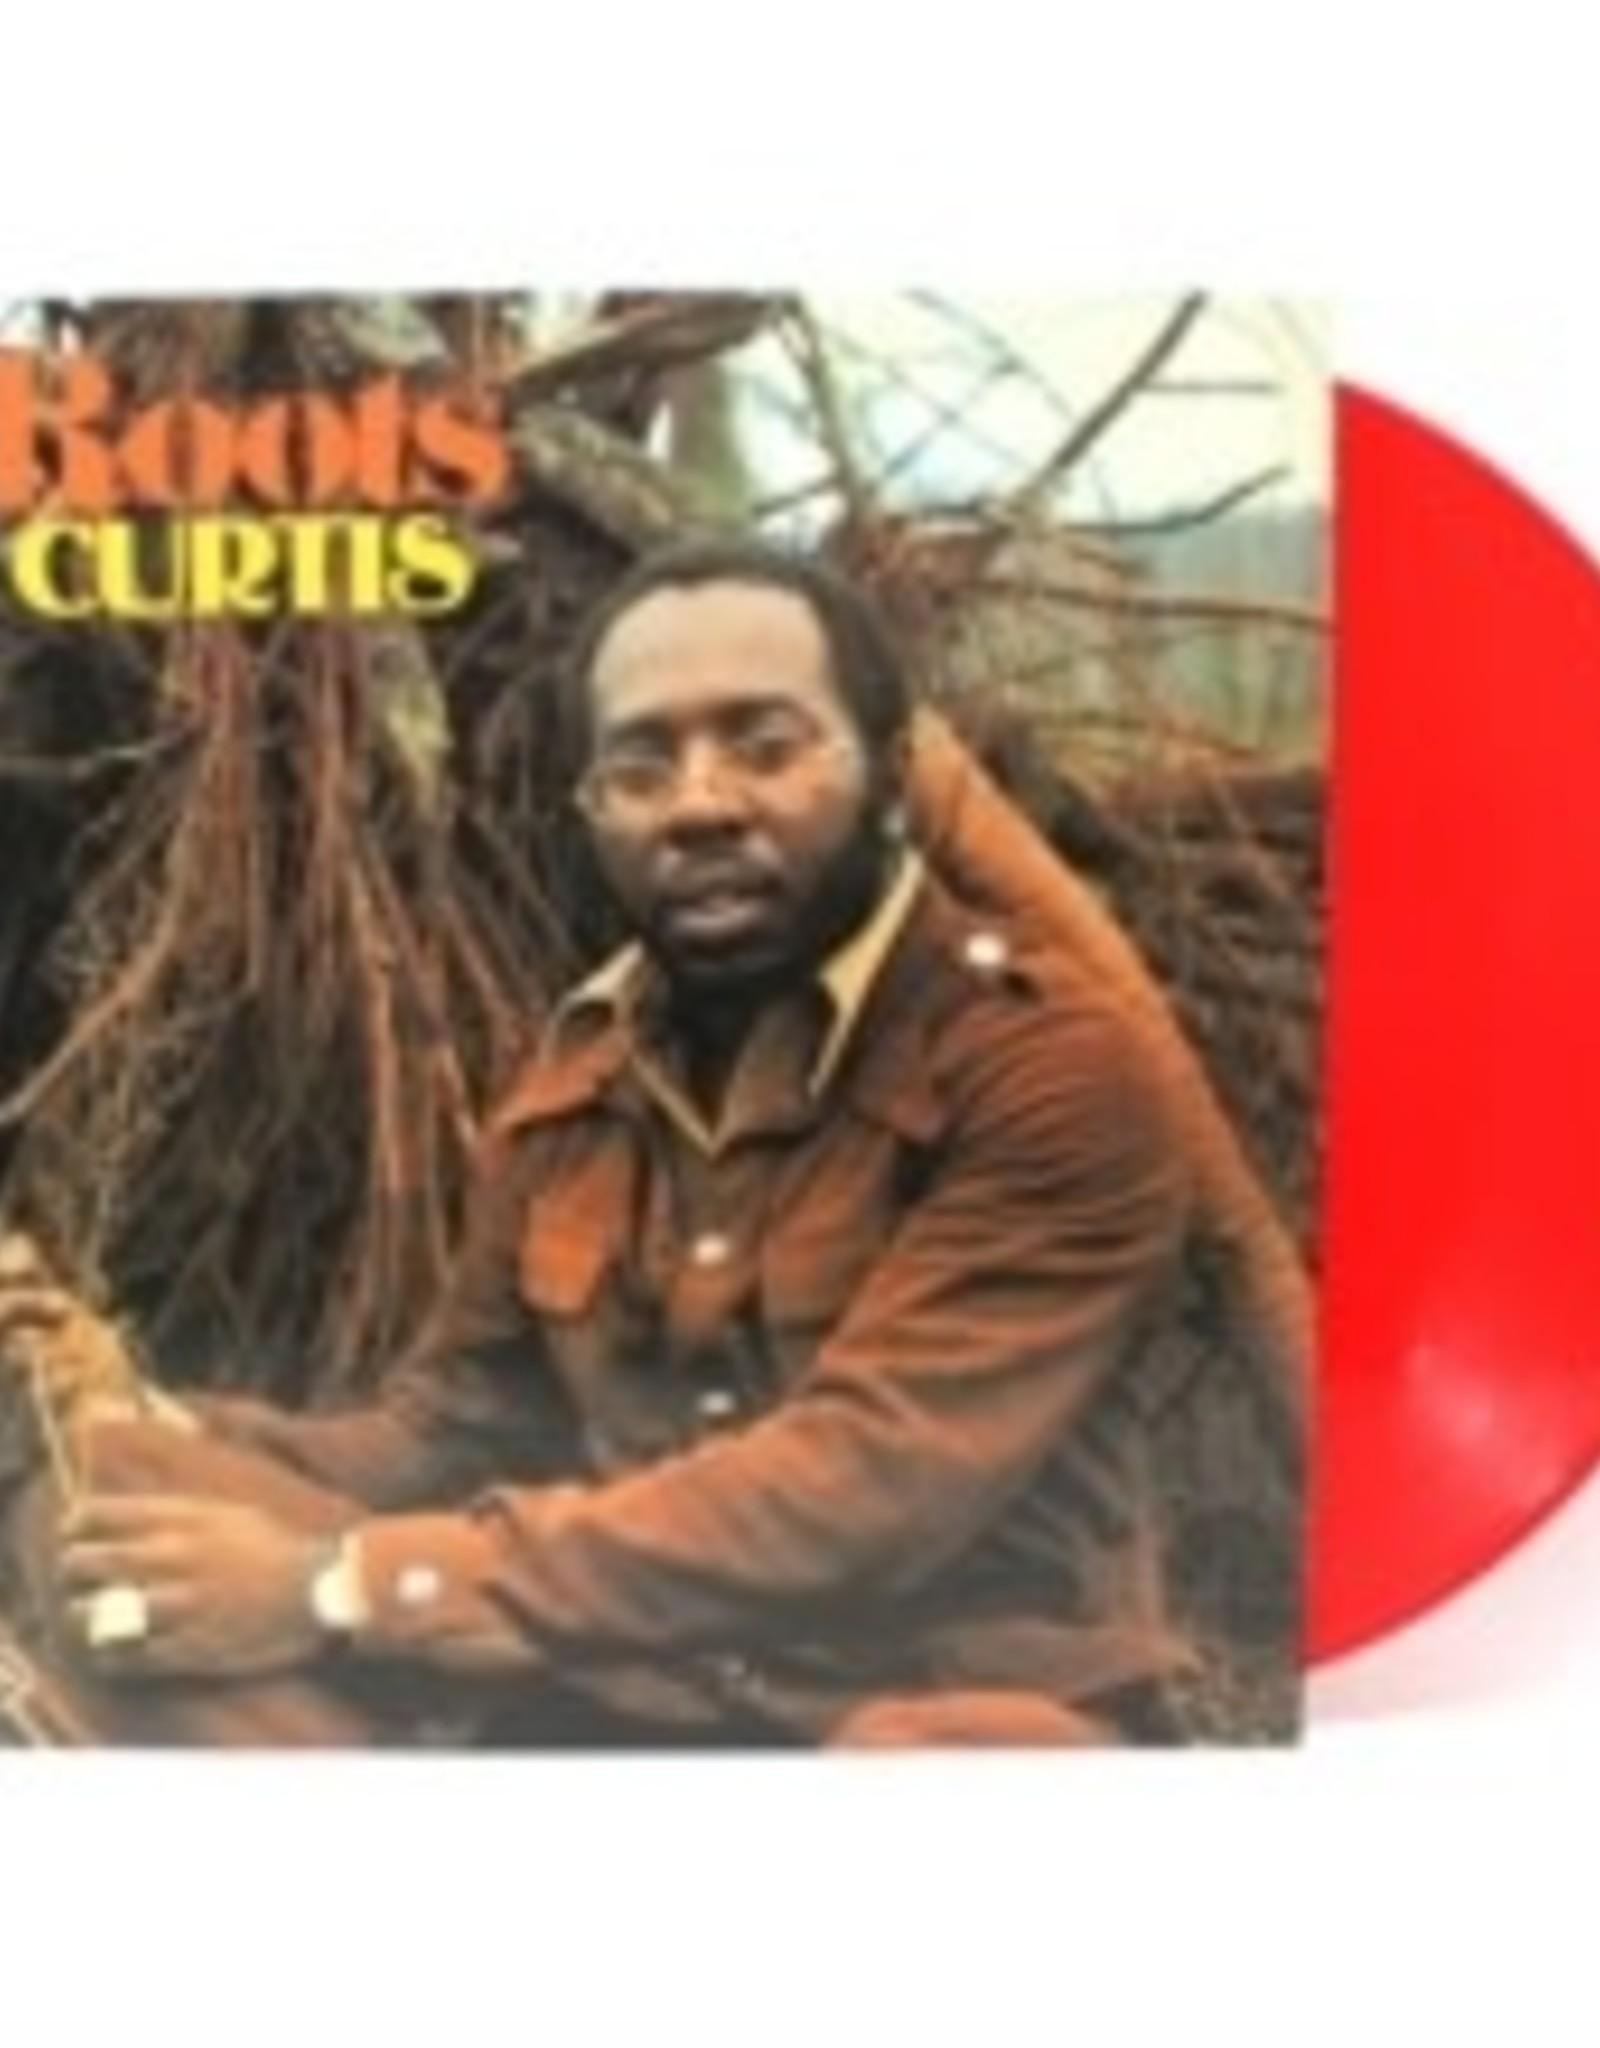 Curtis Mayfield - Roots (Orange Vinyl)